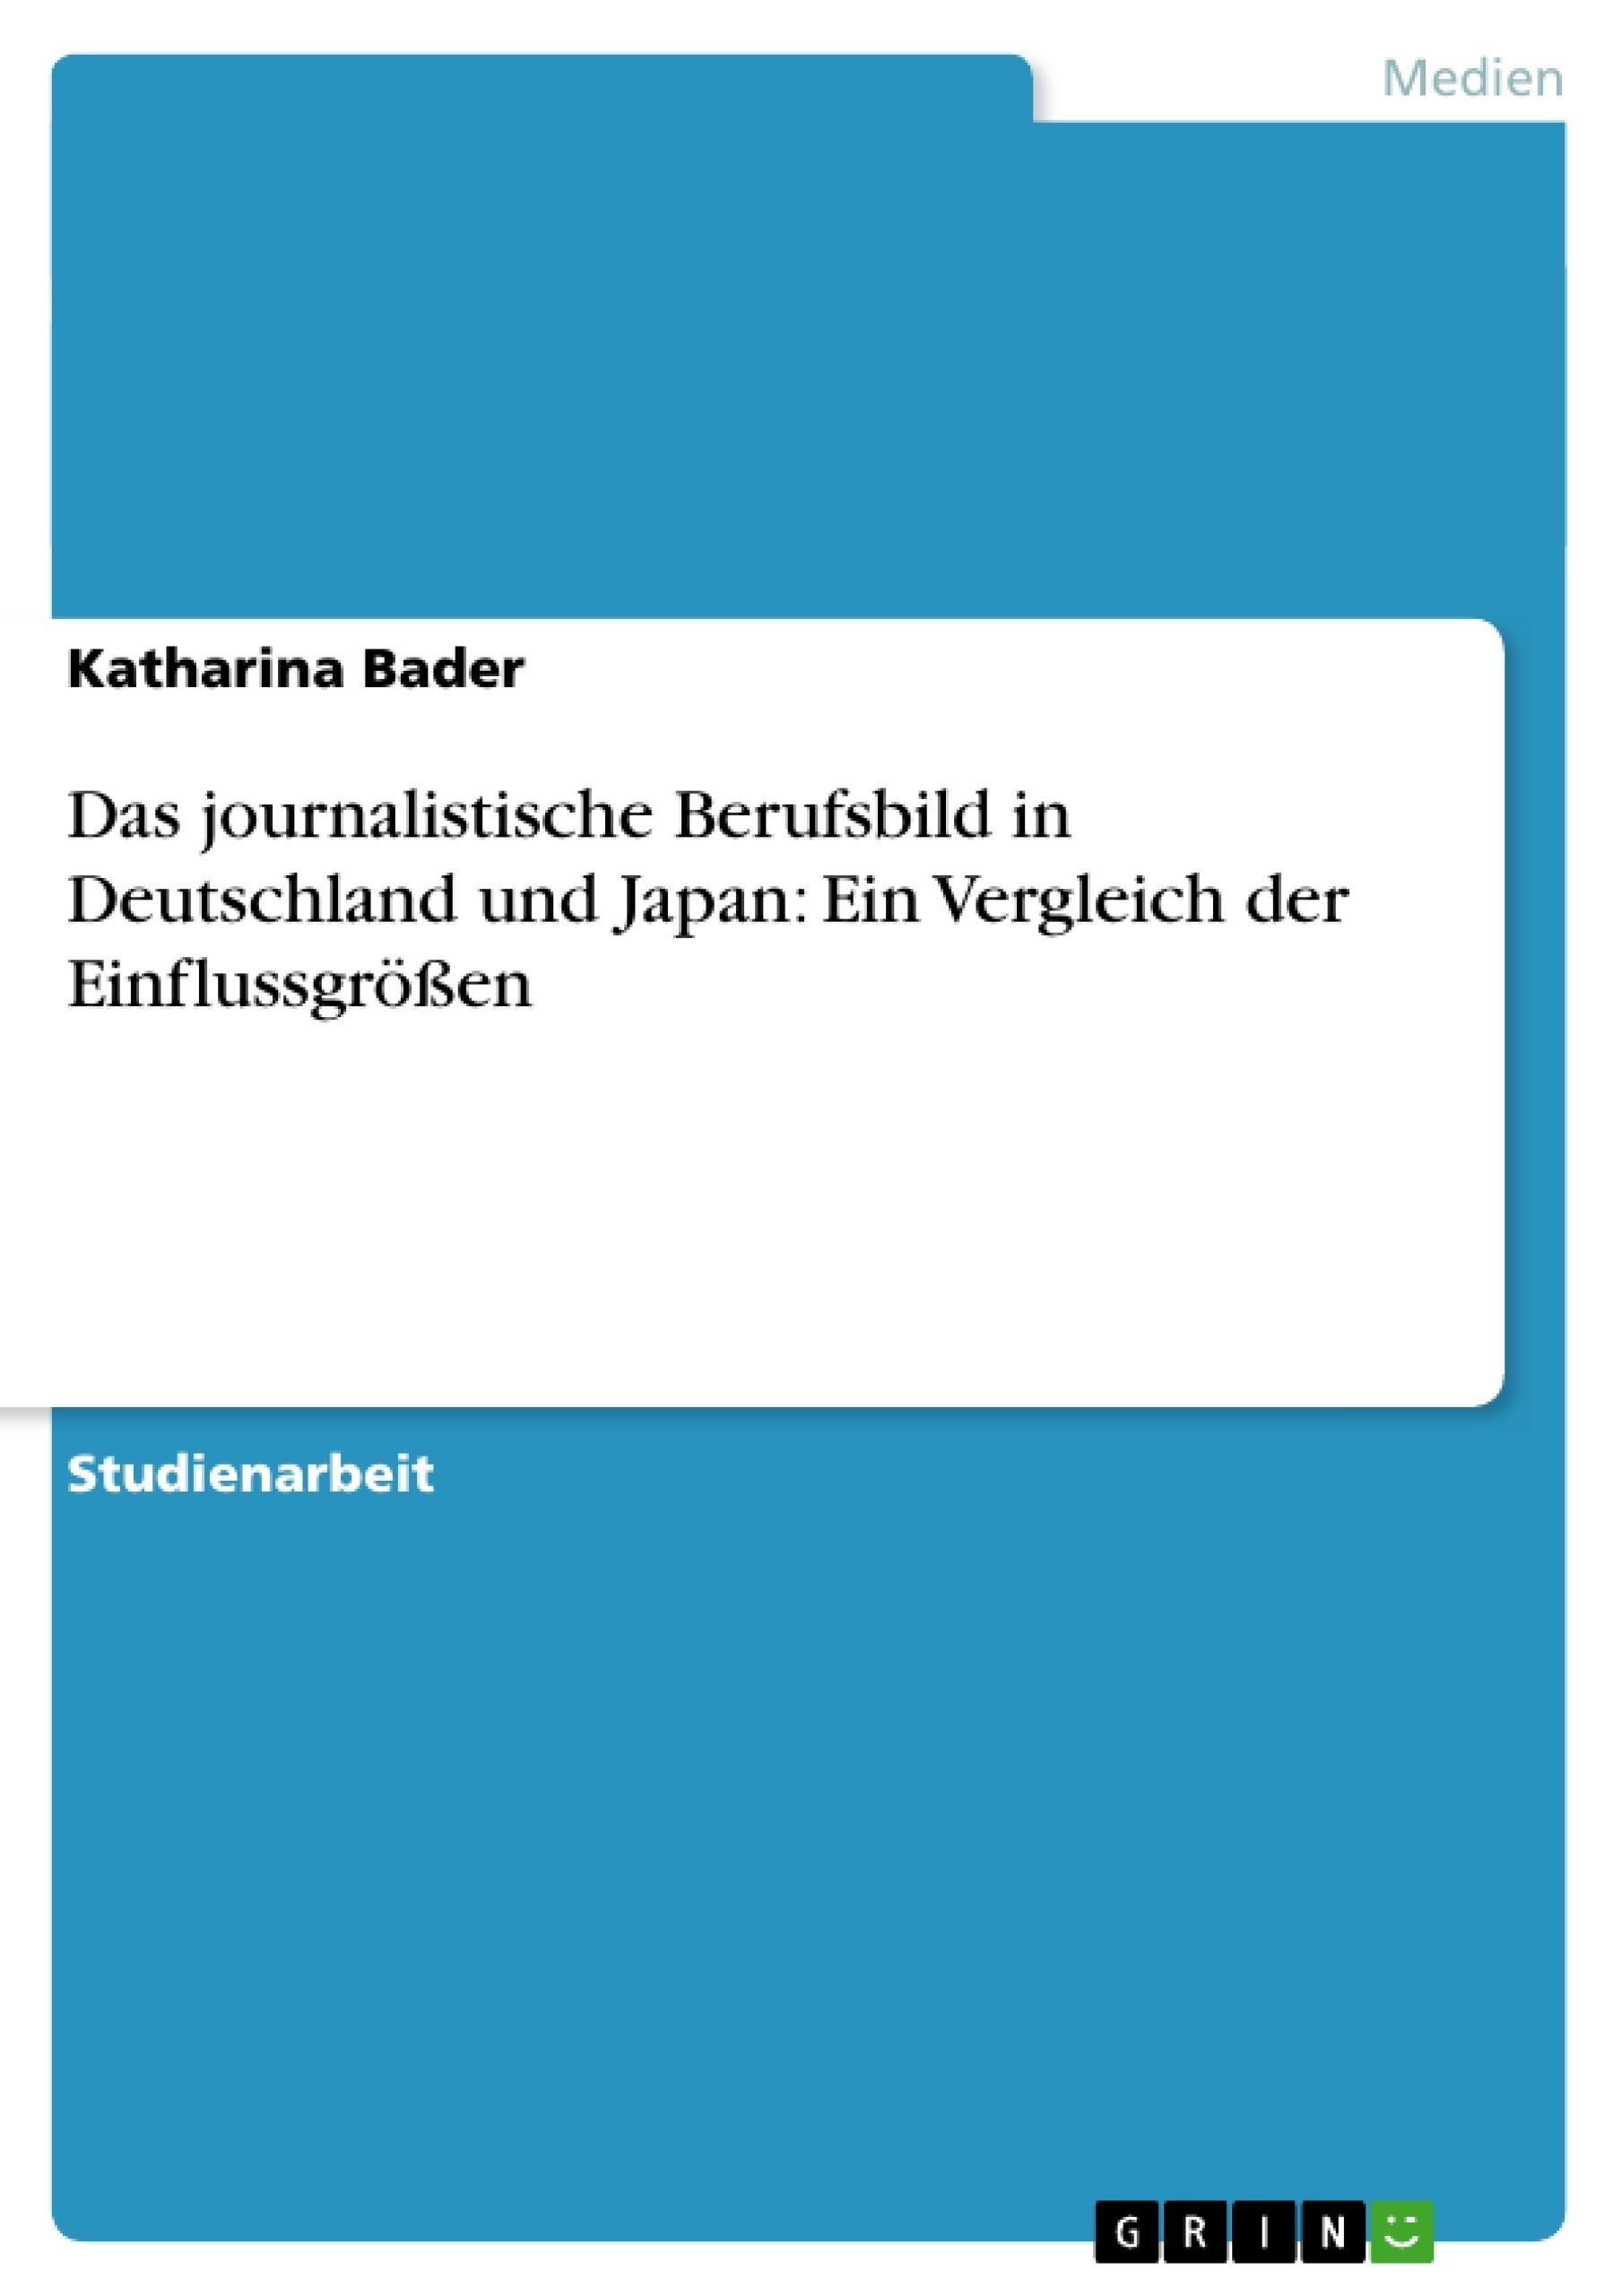 Titel: Das journalistische Berufsbild in Deutschland und Japan: Ein Vergleich der Einflussgrößen